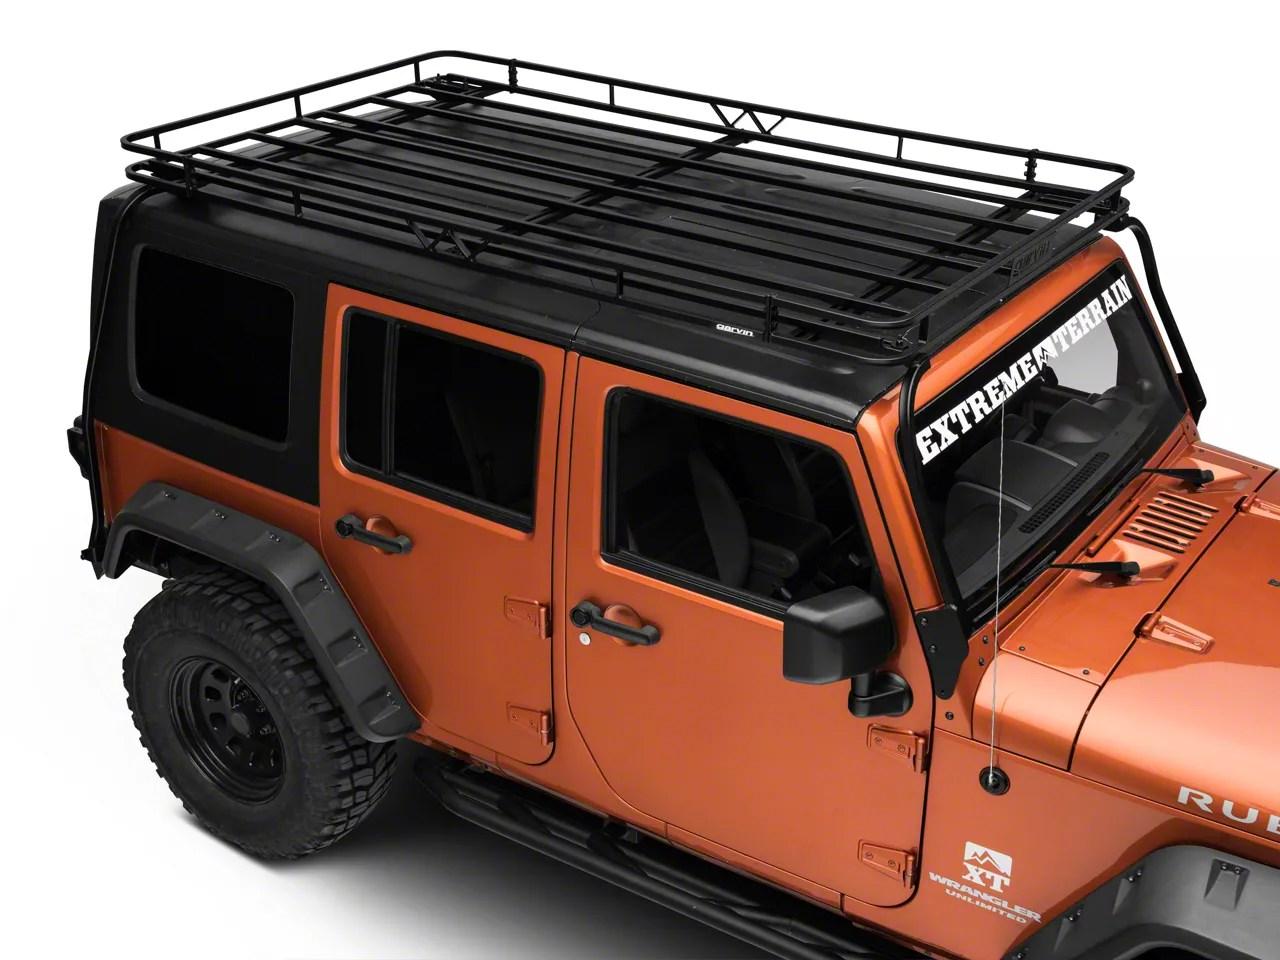 garvin expedition rack with basket 07 18 jeep wrangler jk 4 door